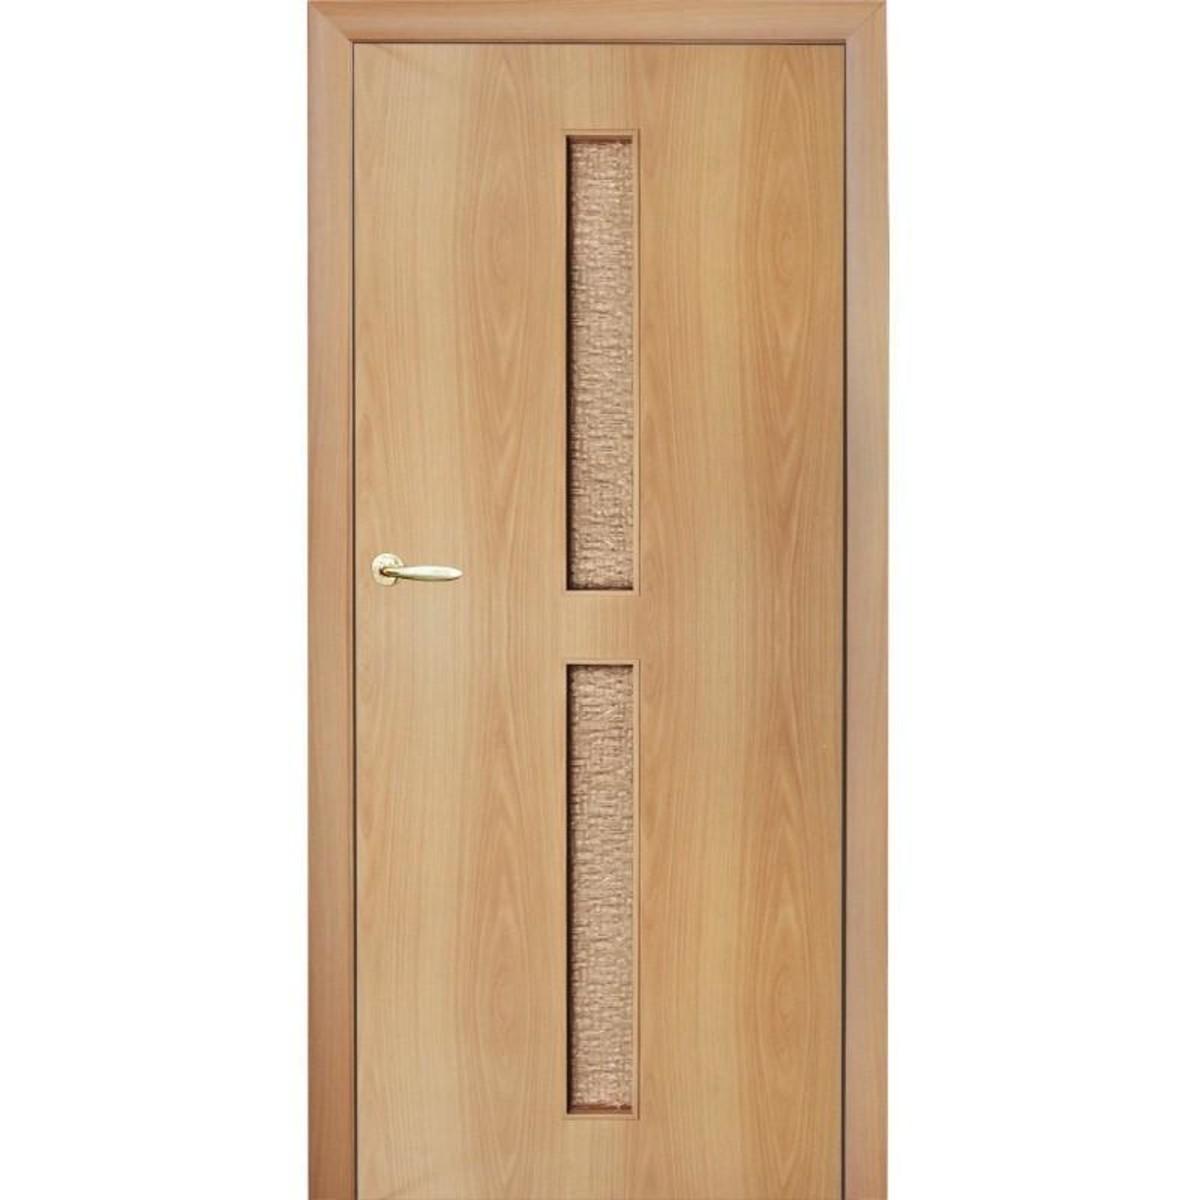 Дверь межкомнатная остеклённая Дуо 900x2000 мм ламинация миланский орех